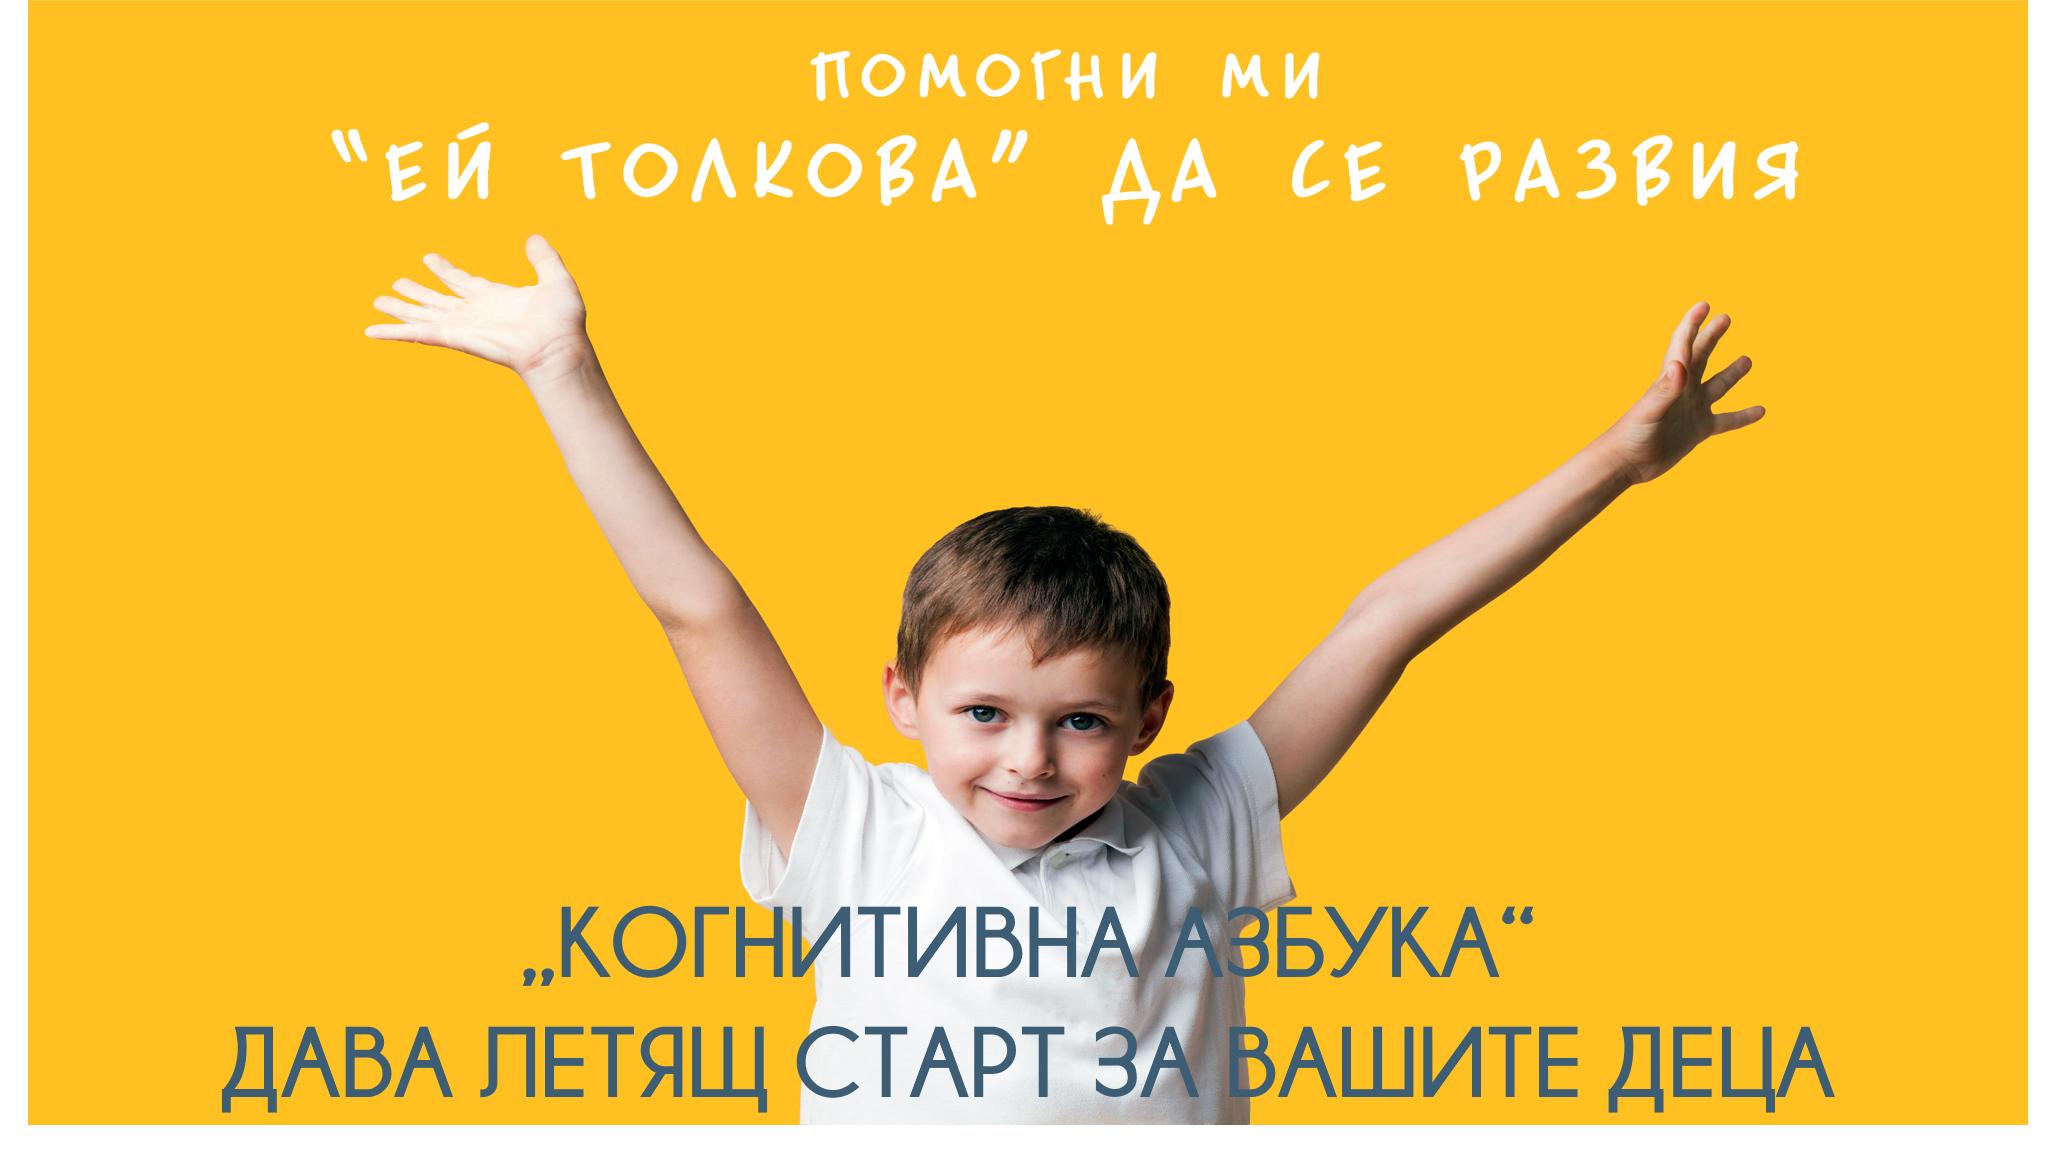 Слайдер със снимки за децата. Slide background